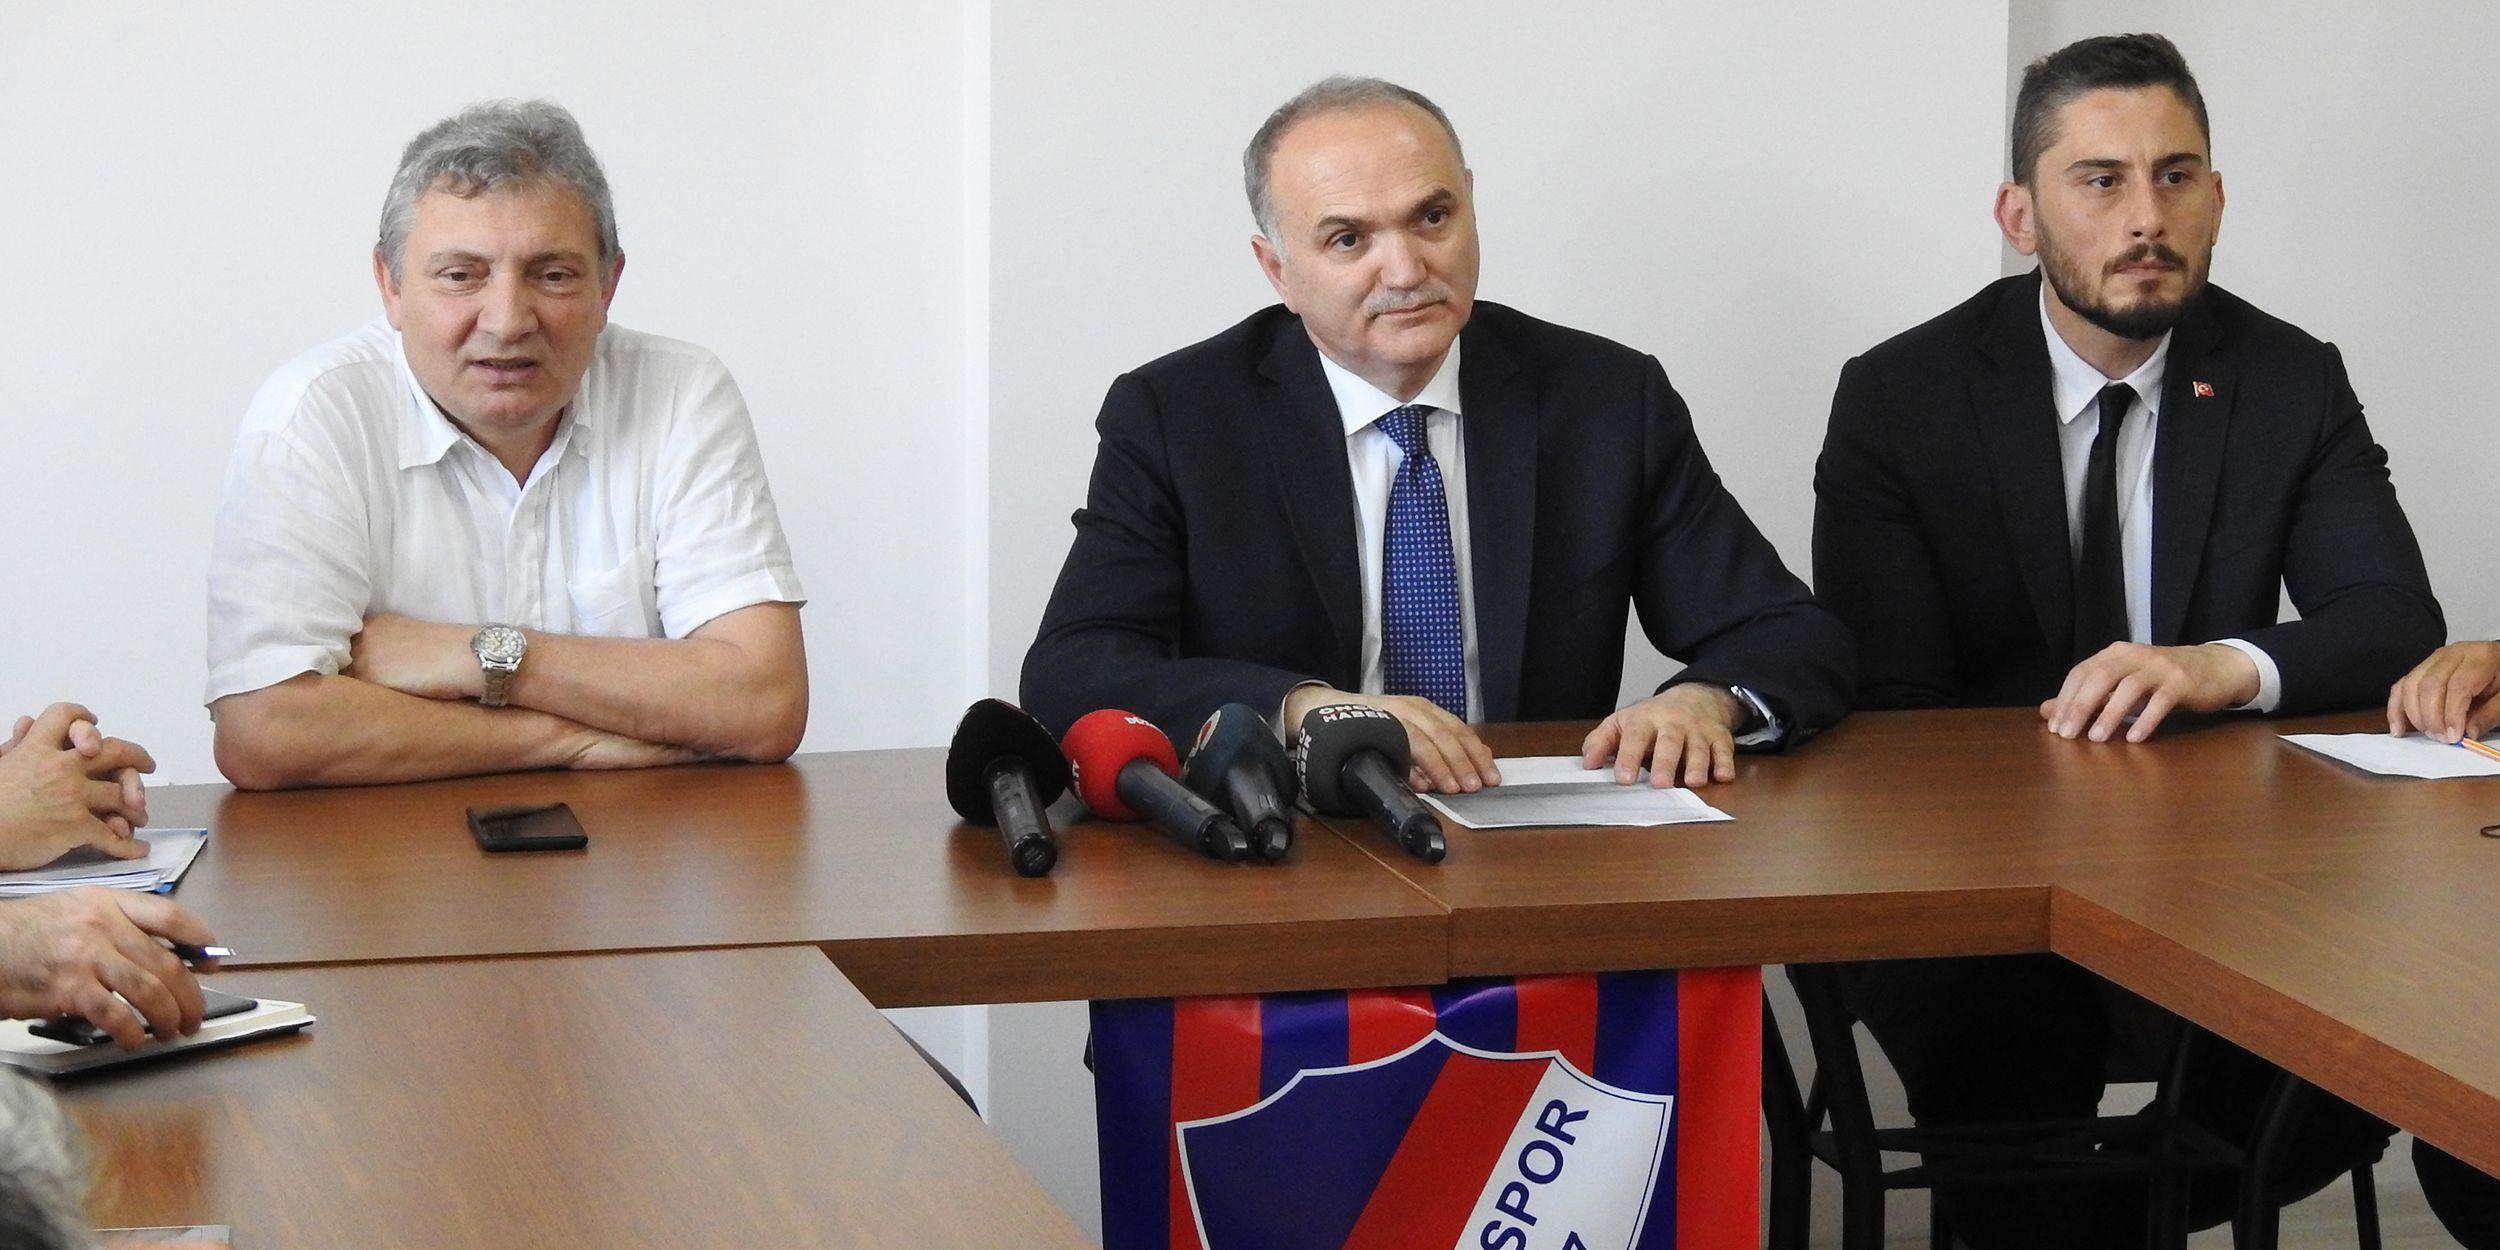 Kalıcı Olarak Düzcespor'a Gelir Getiricek Yerleri Kurulacak